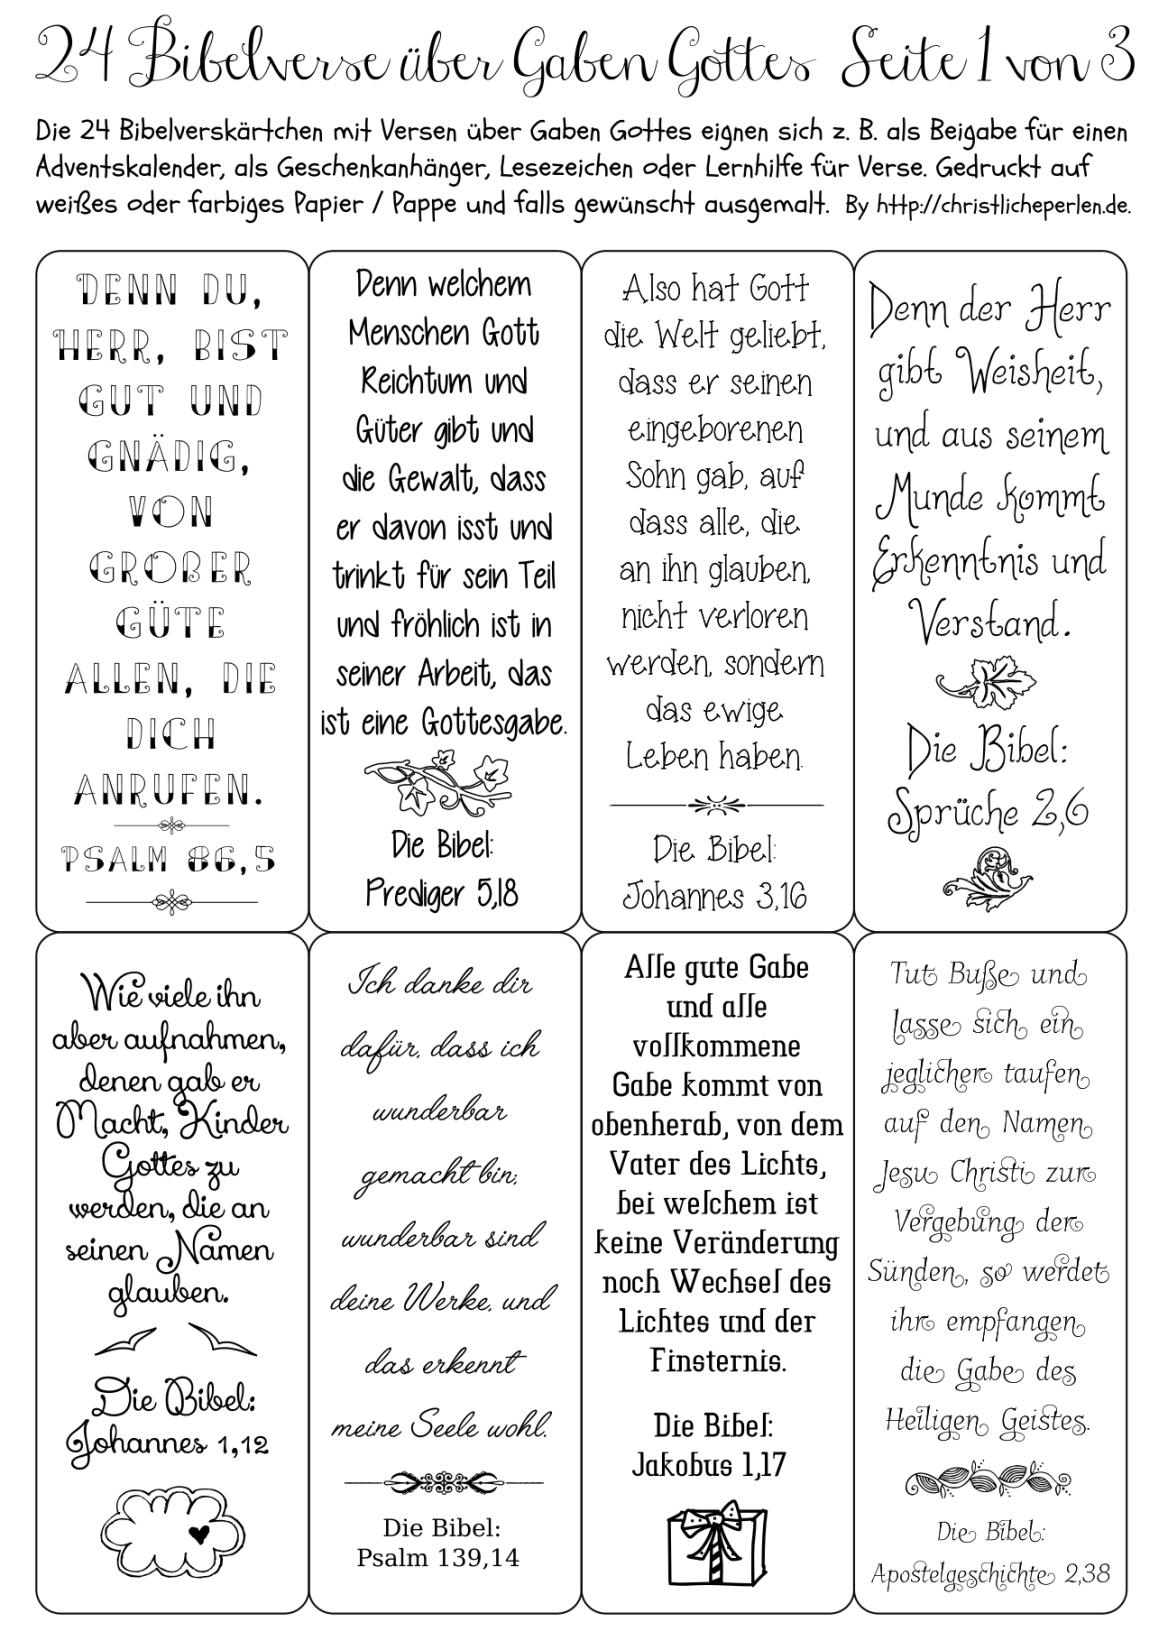 Adventskalender | Christliche Perlen | Advent | Pinterest ...